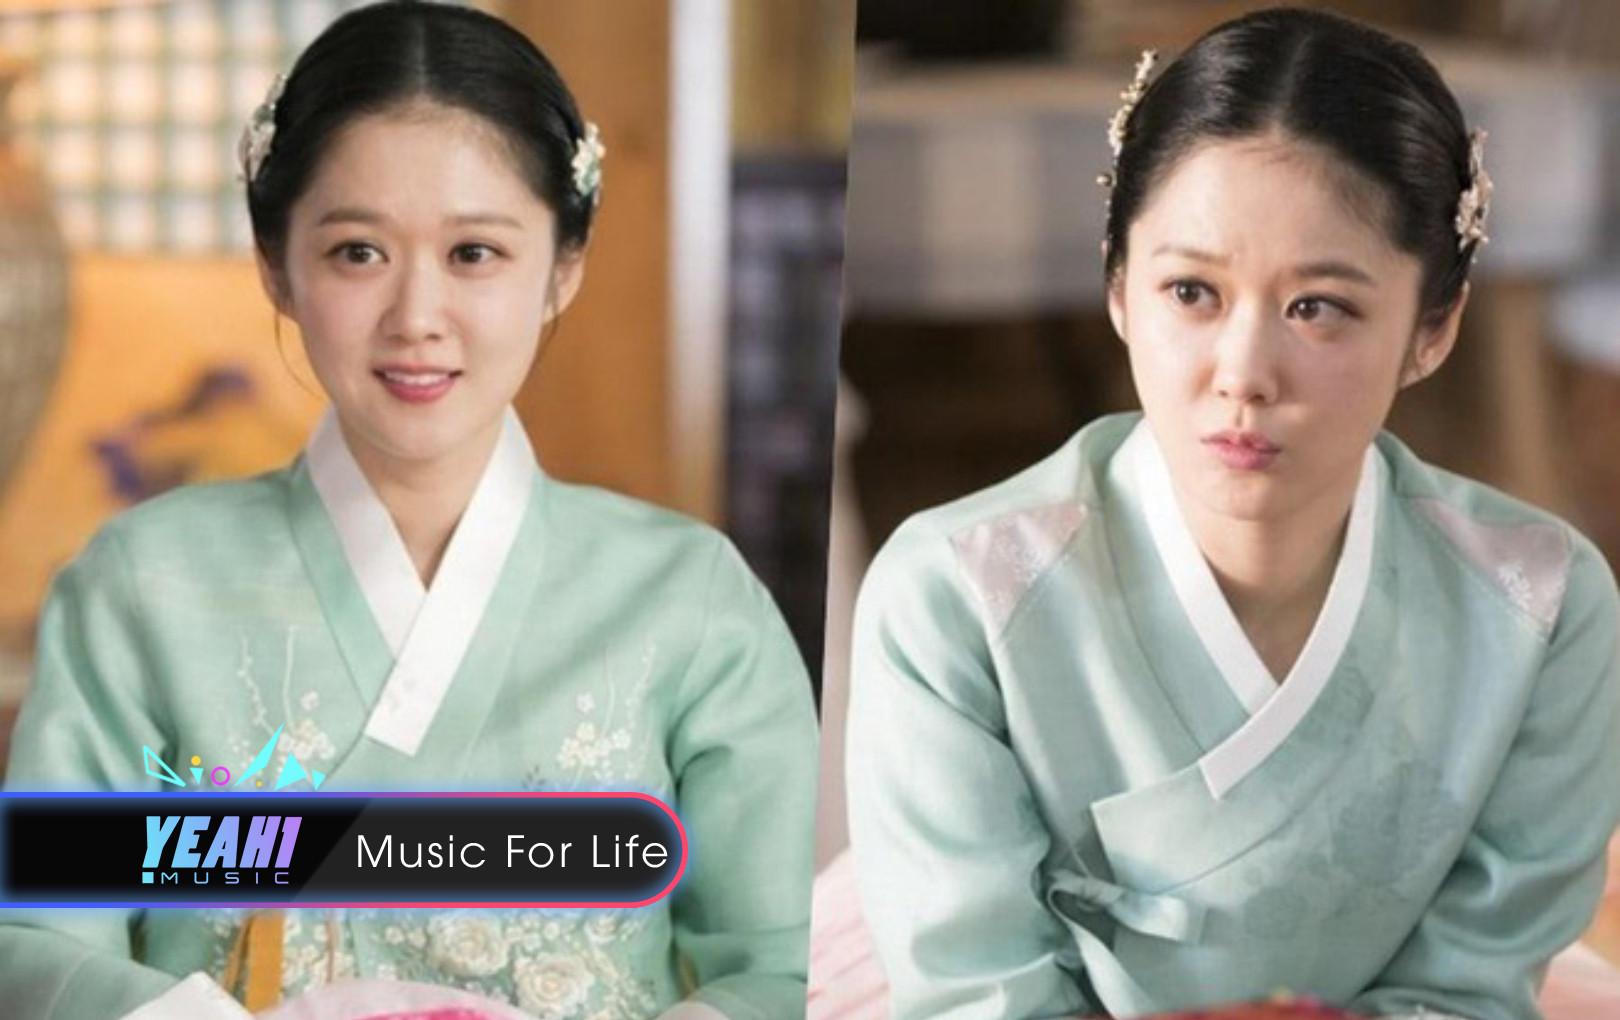 Nữ thần Jang Nara: Xinh đẹp bậc nhất xứ Hàn, bị tẩy chay suốt 9 năm chỉ vì 1 câu nói